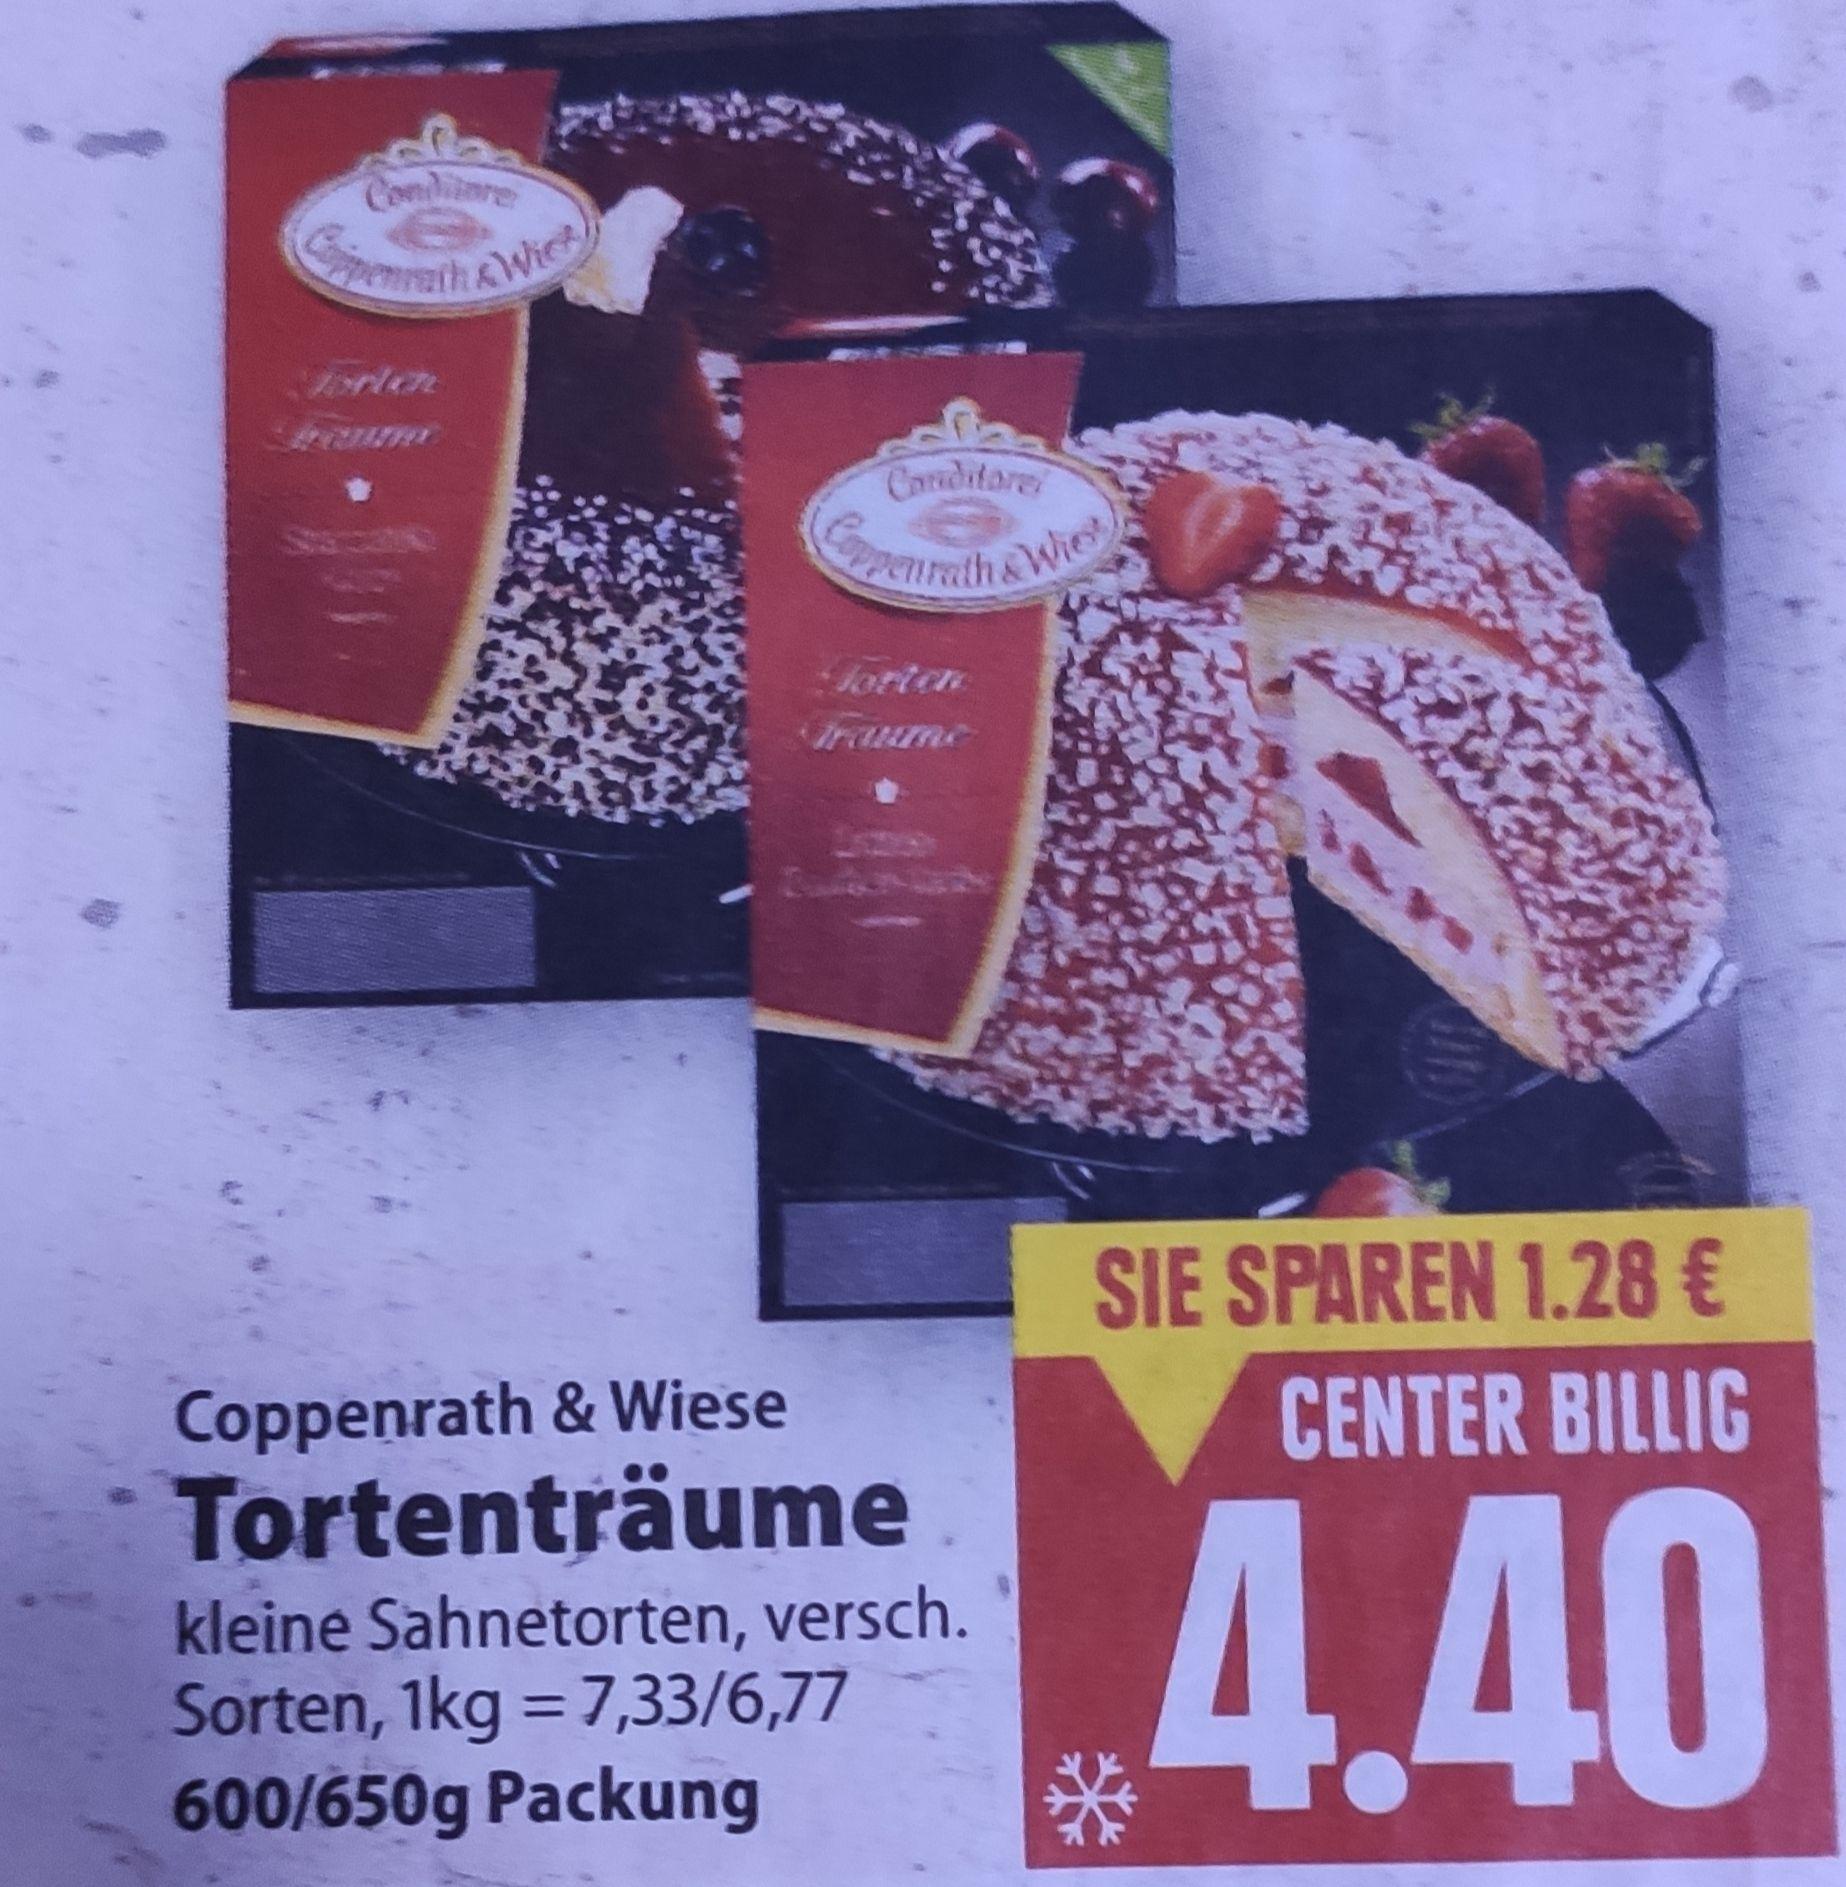 [Edeka Center Minden-Hannover] Coppenrath & Wiese Tortenträume 600g/650g mit Coupon für 3,40€